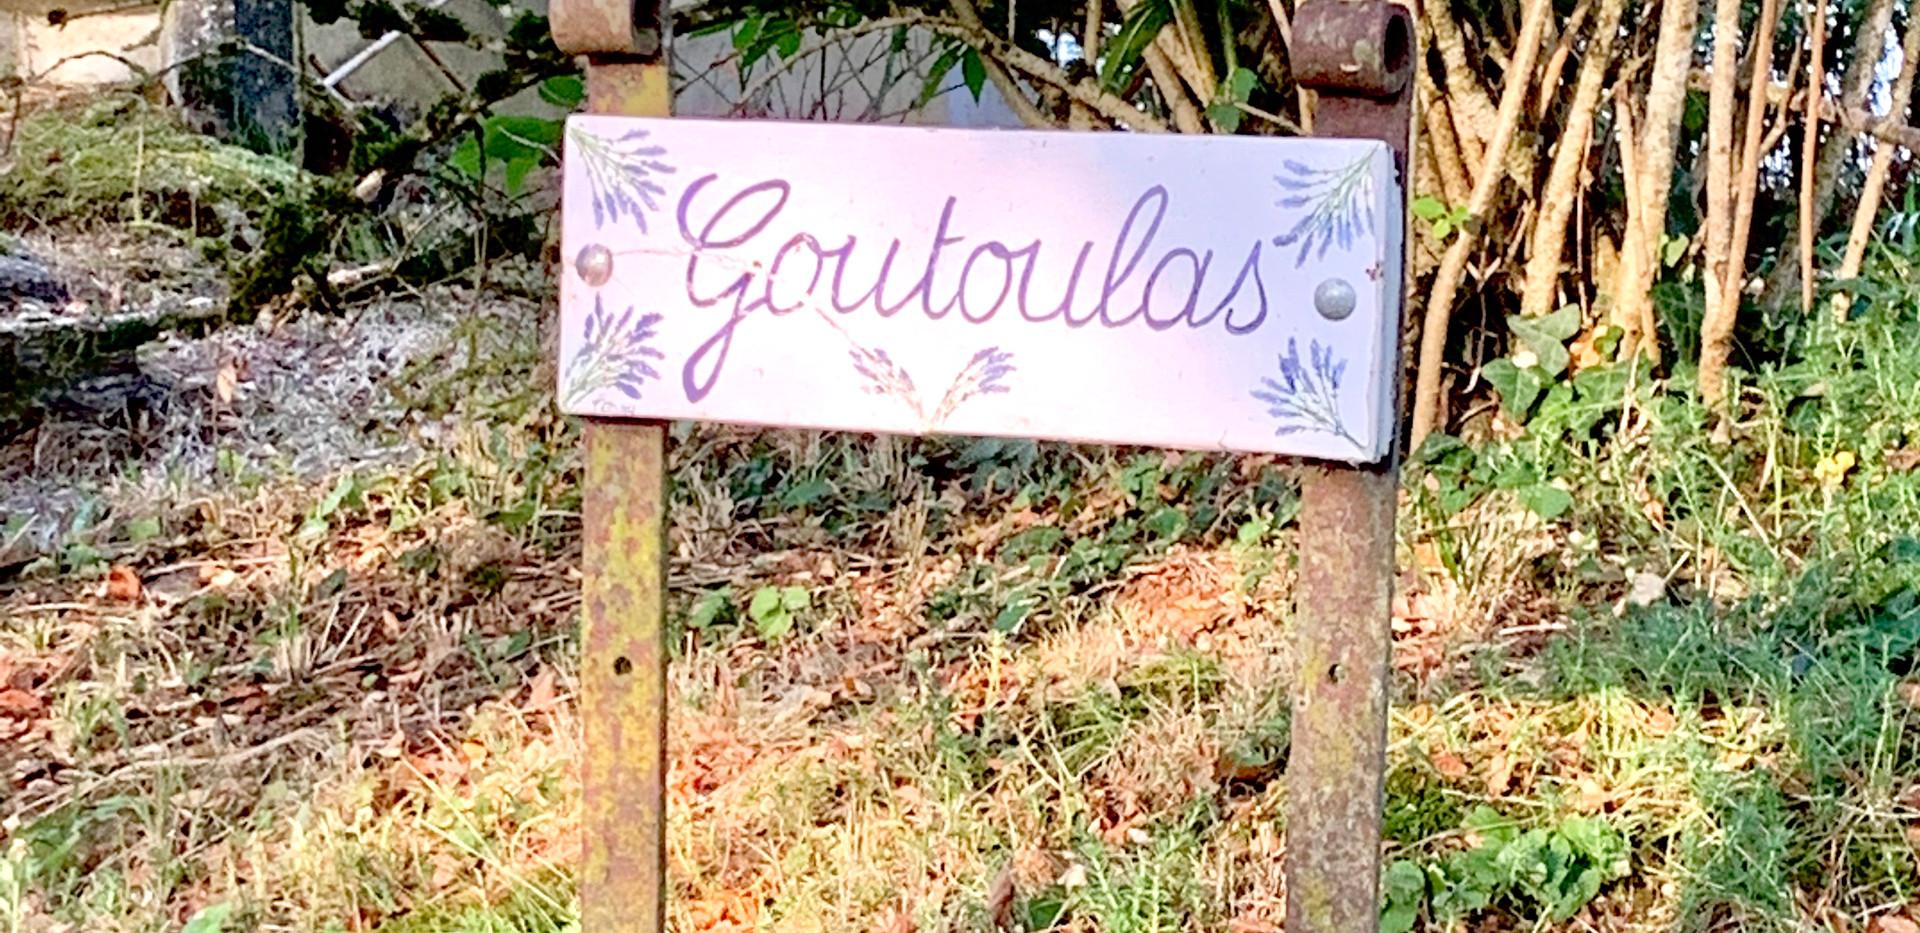 Goutoulas